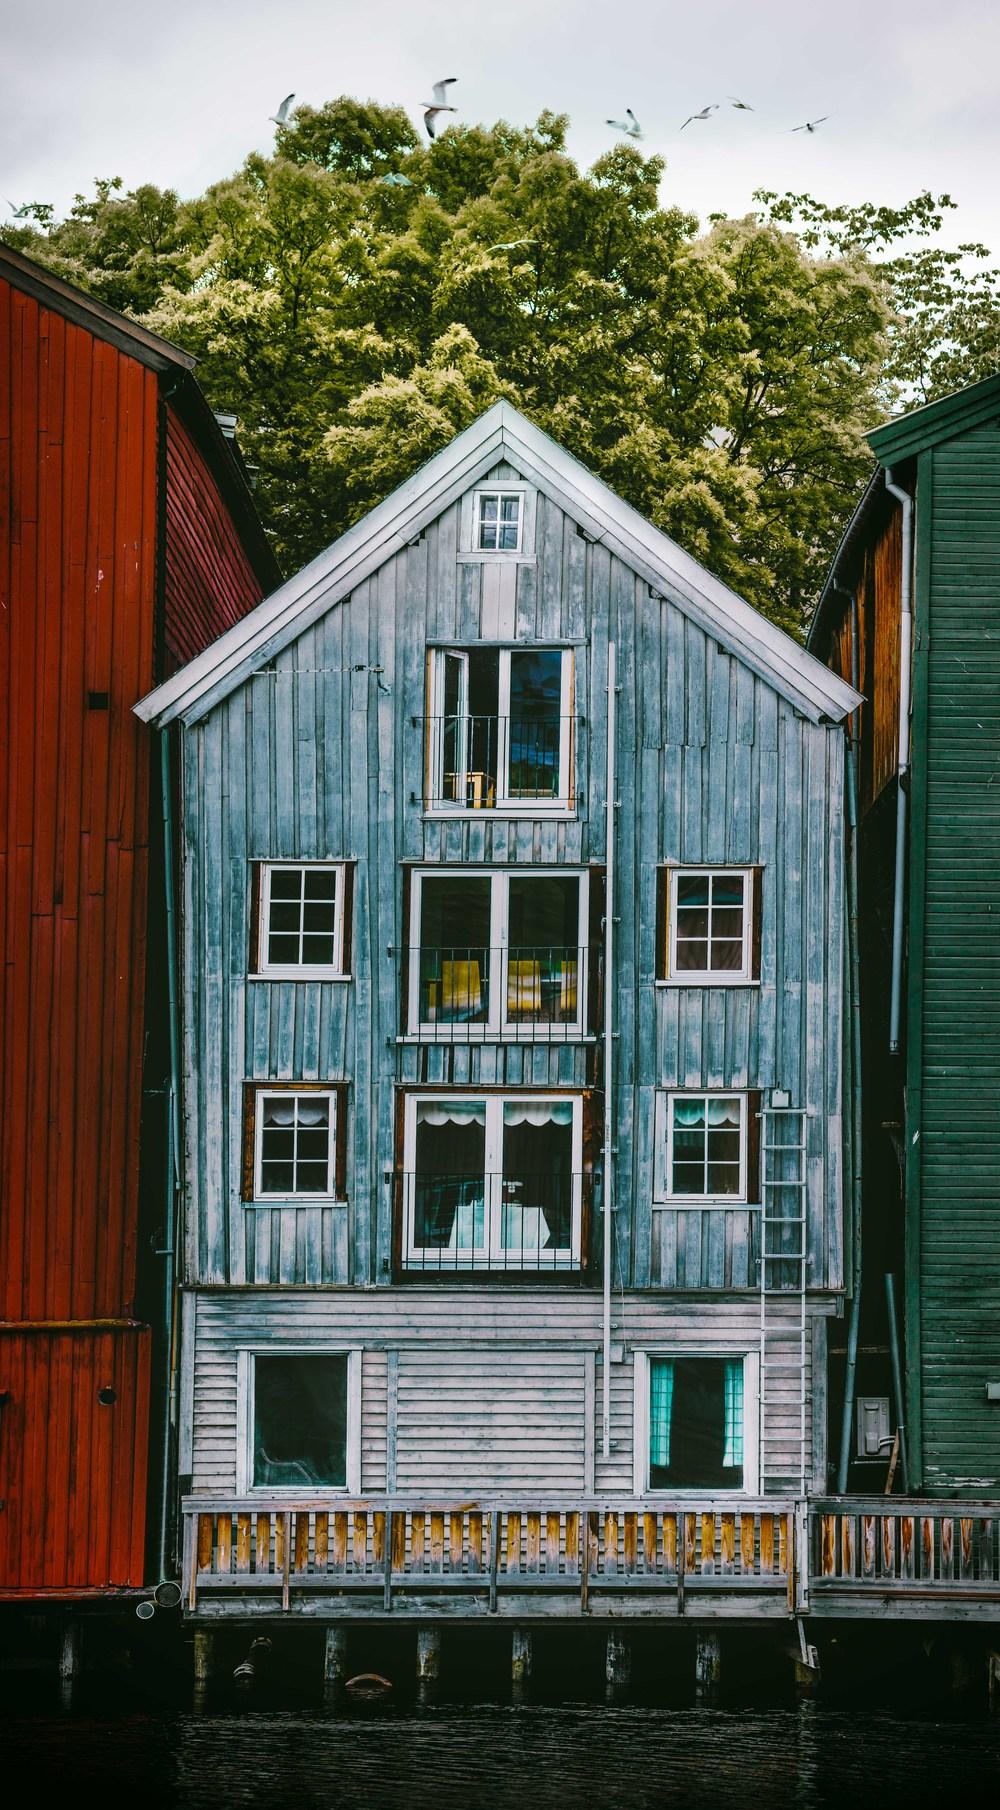 Norway2015DylanRoberts-33.jpg